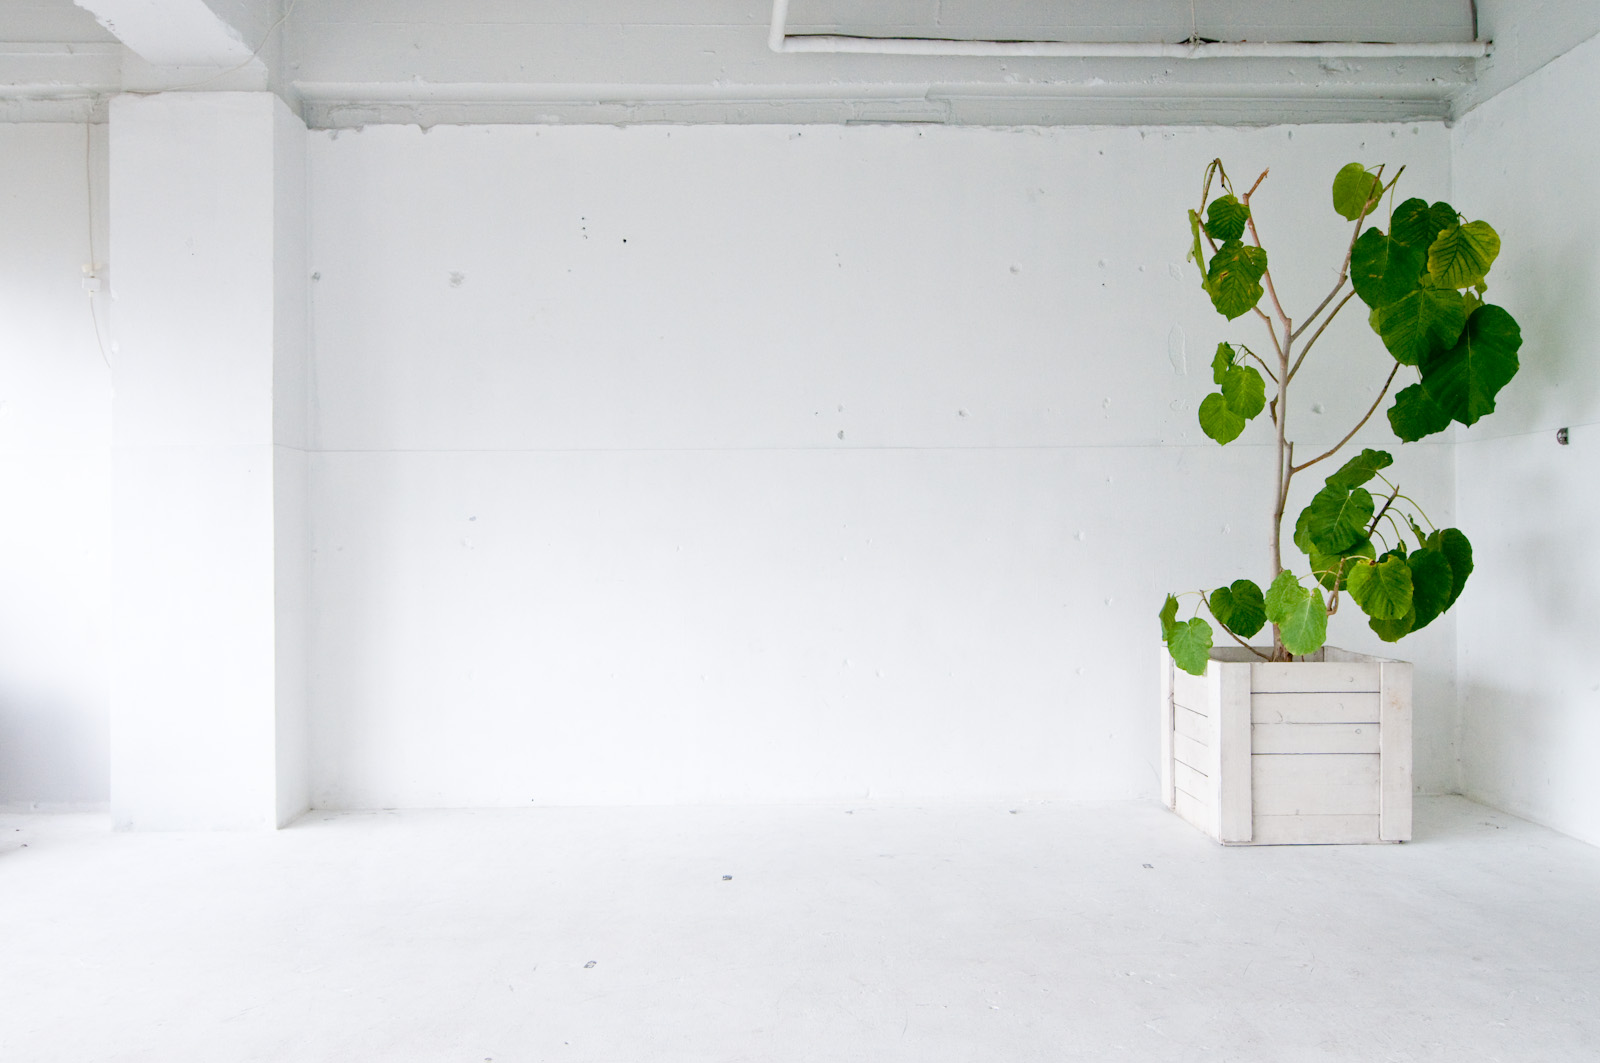 【人気】リノベーションに適した中古住宅の選び方